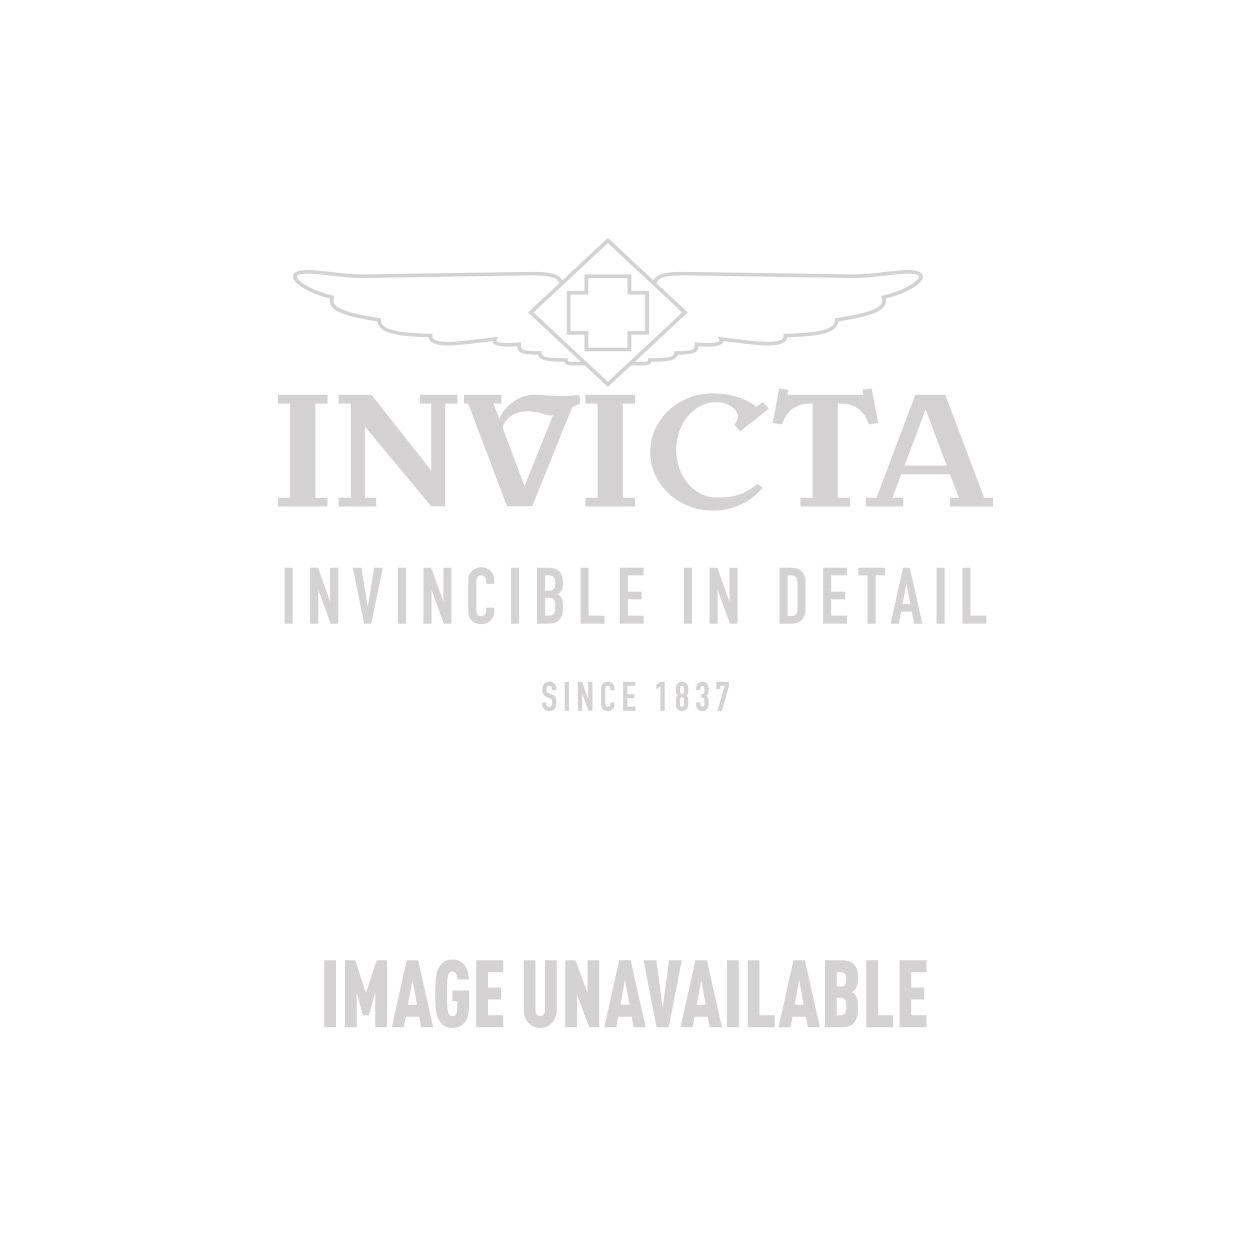 Invicta Model 29926